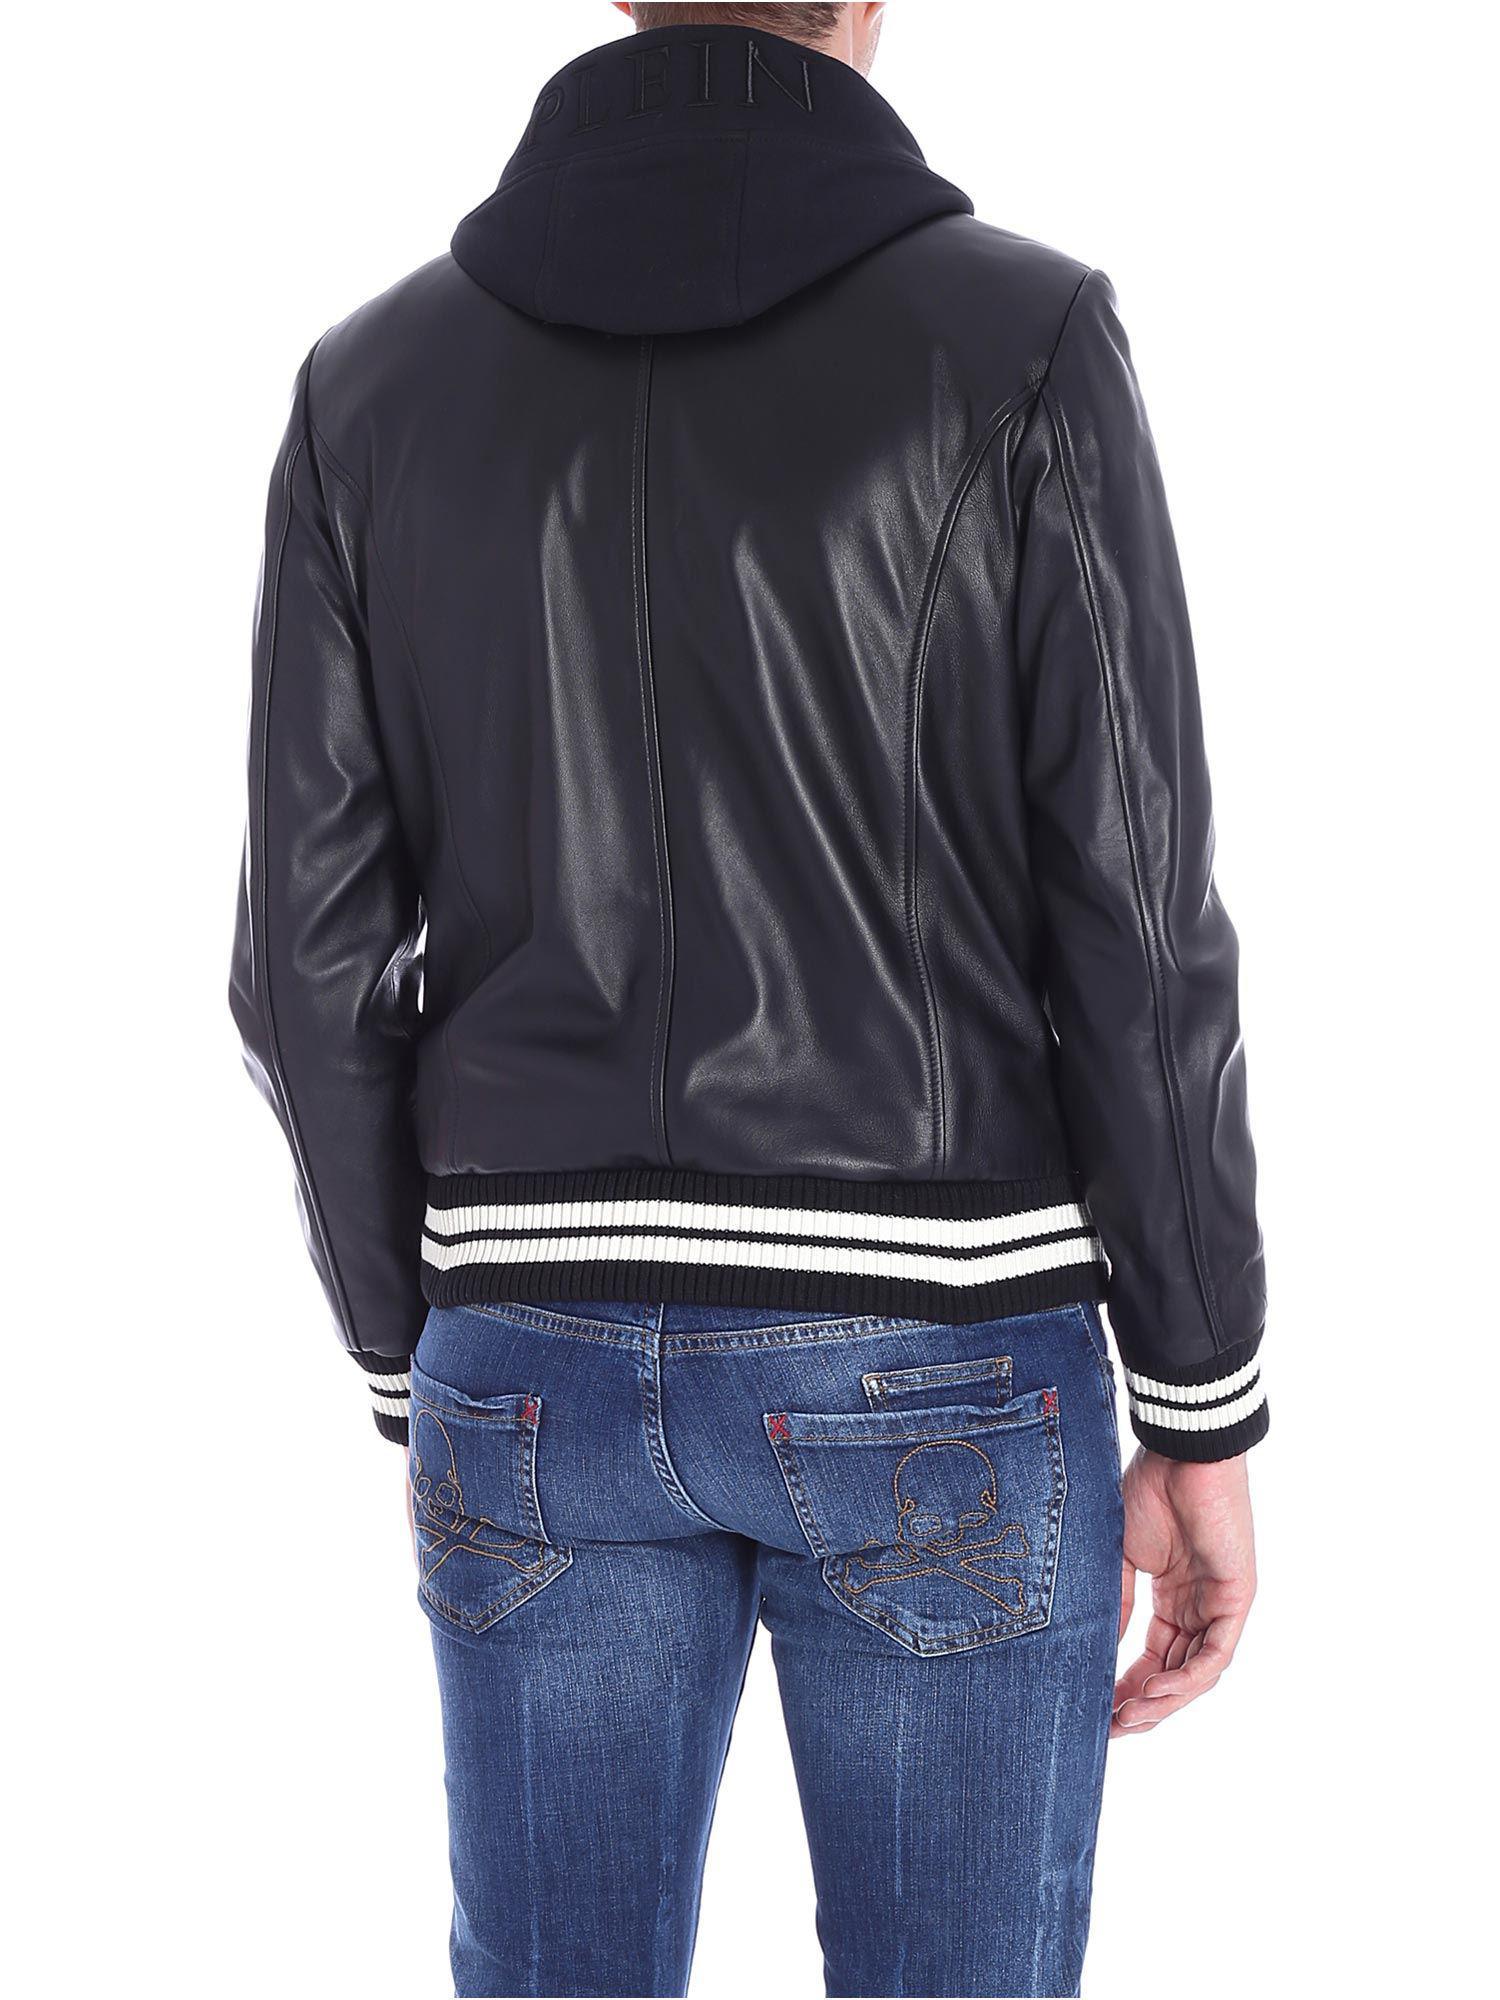 Philipp Plein Black Agressive Leather Bomber Jacket for Men